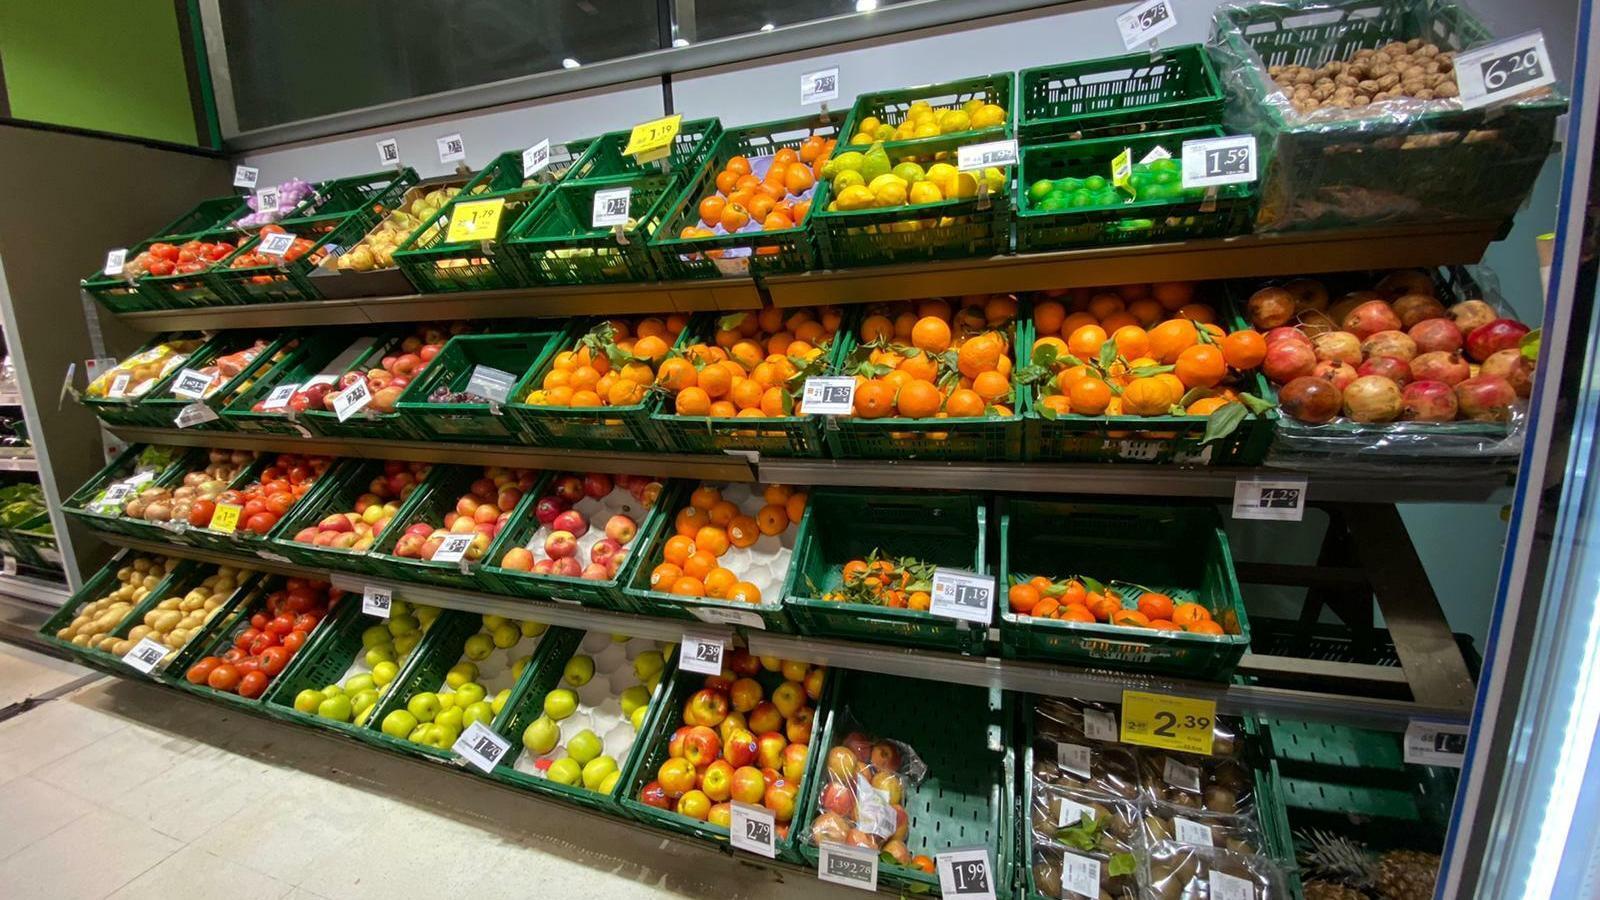 Els supermercats balears comencen a recuperar la normalitat